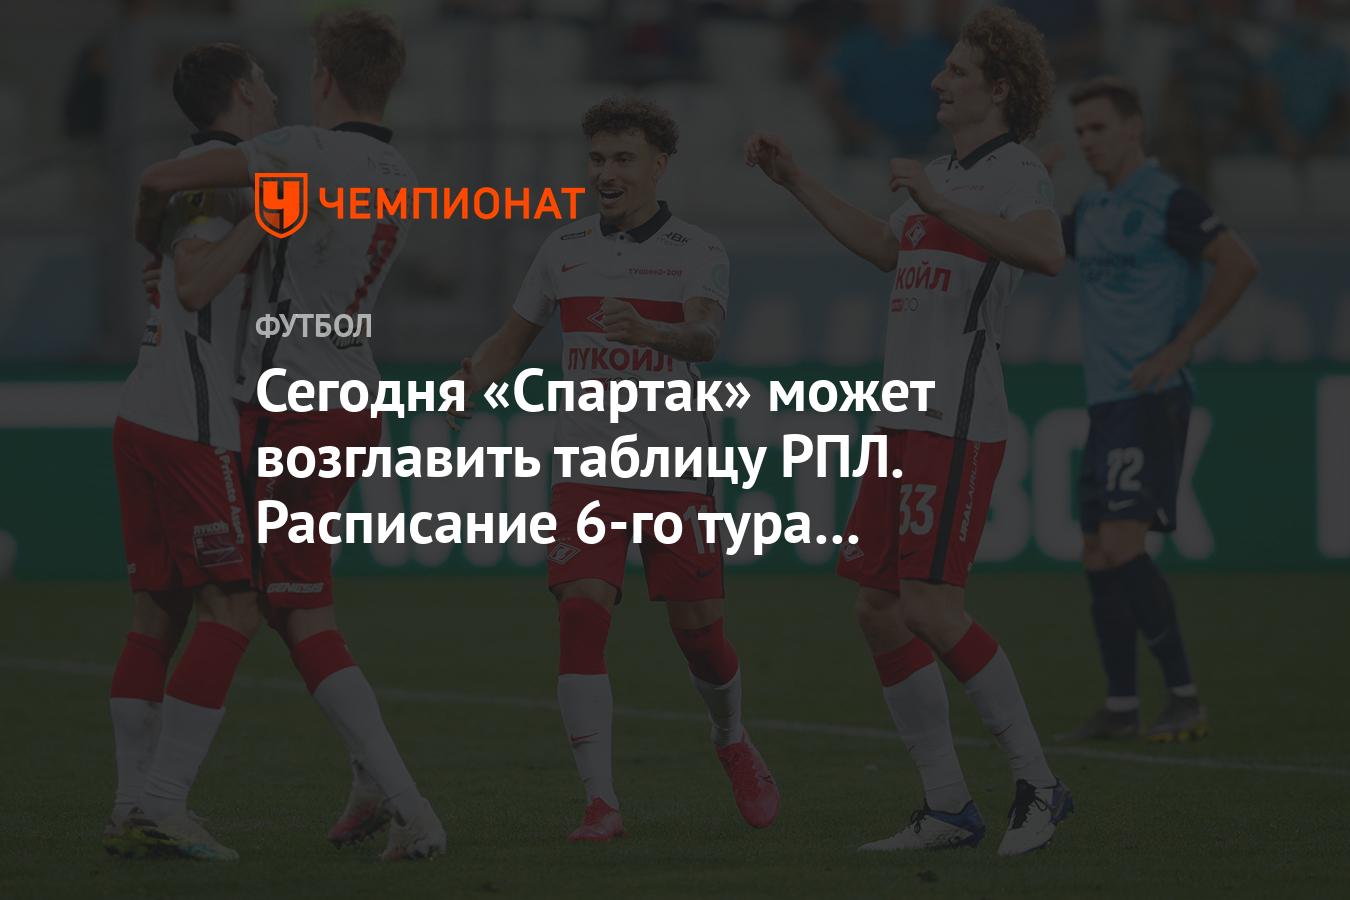 Segodnya Spartak Mozhet Vozglavit Tablicu Rpl Raspisanie 6 Go Tura Chempionata Rossii Chempionat